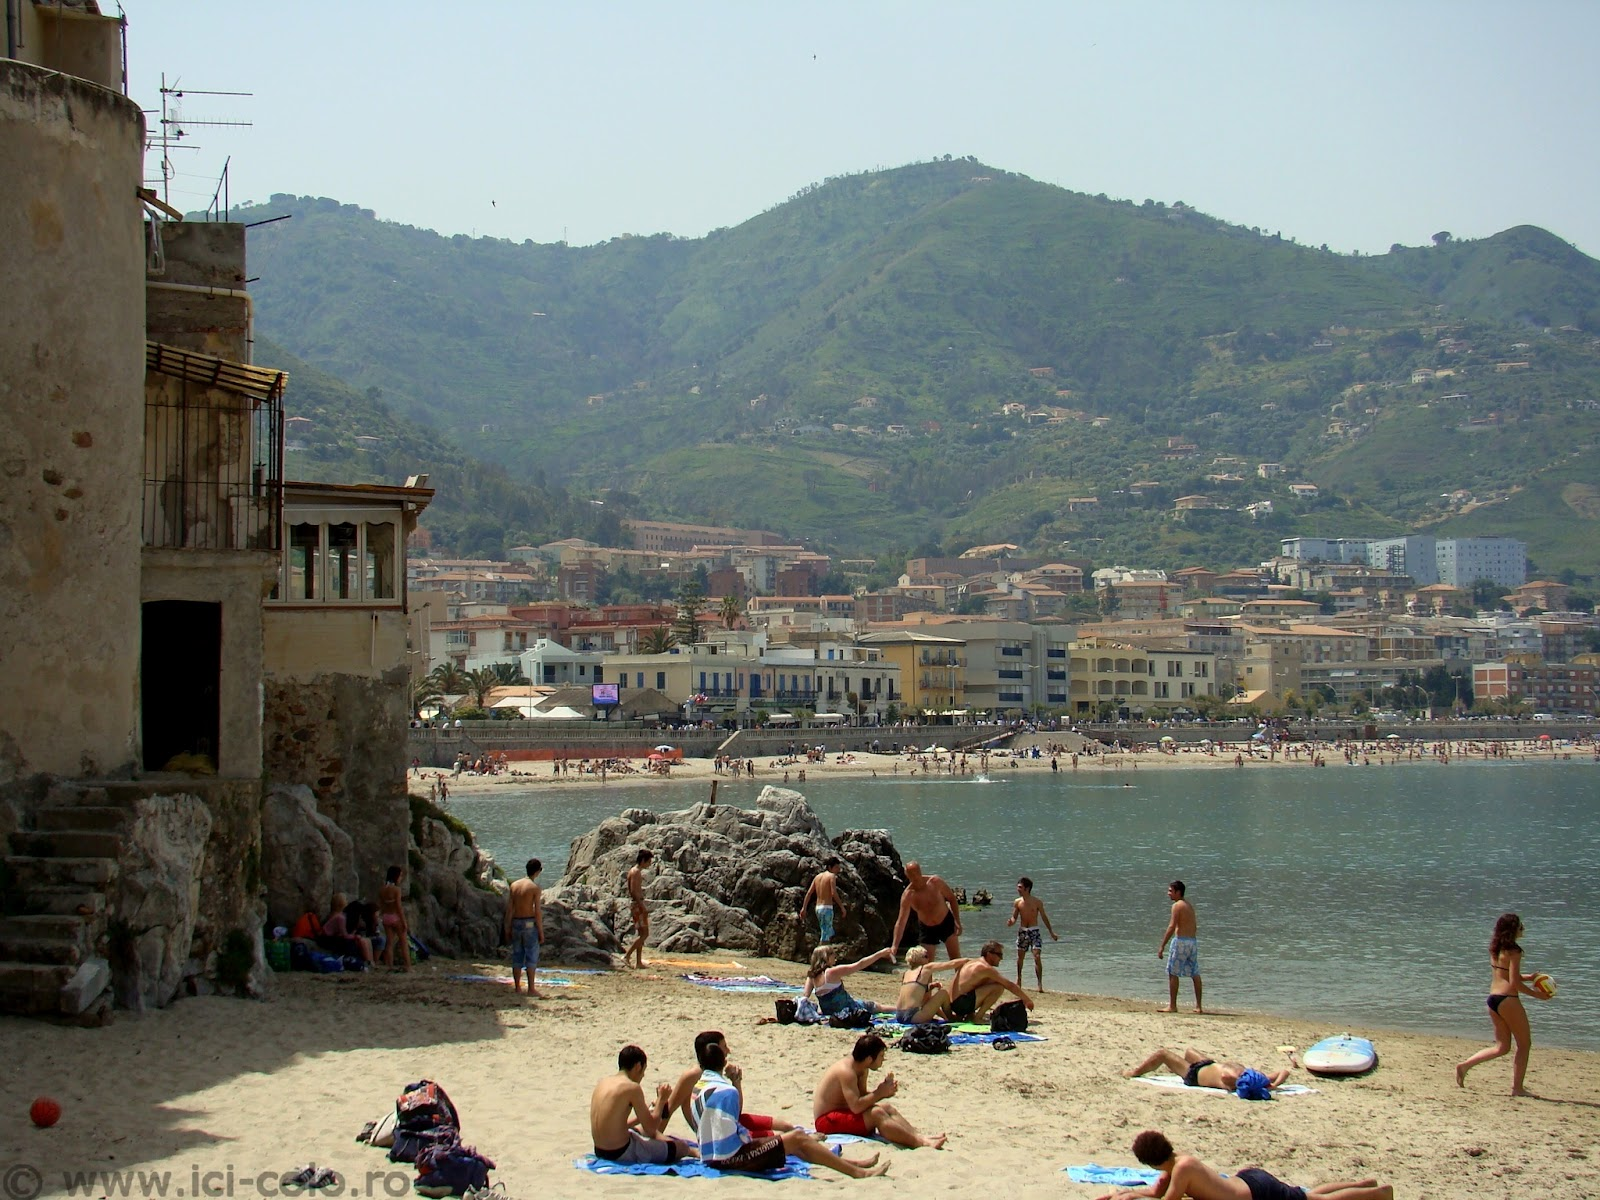 """Românce la muncă în Sicilia, """"exploatate sexual de fermieri"""" @Radio Romania Actualitati"""